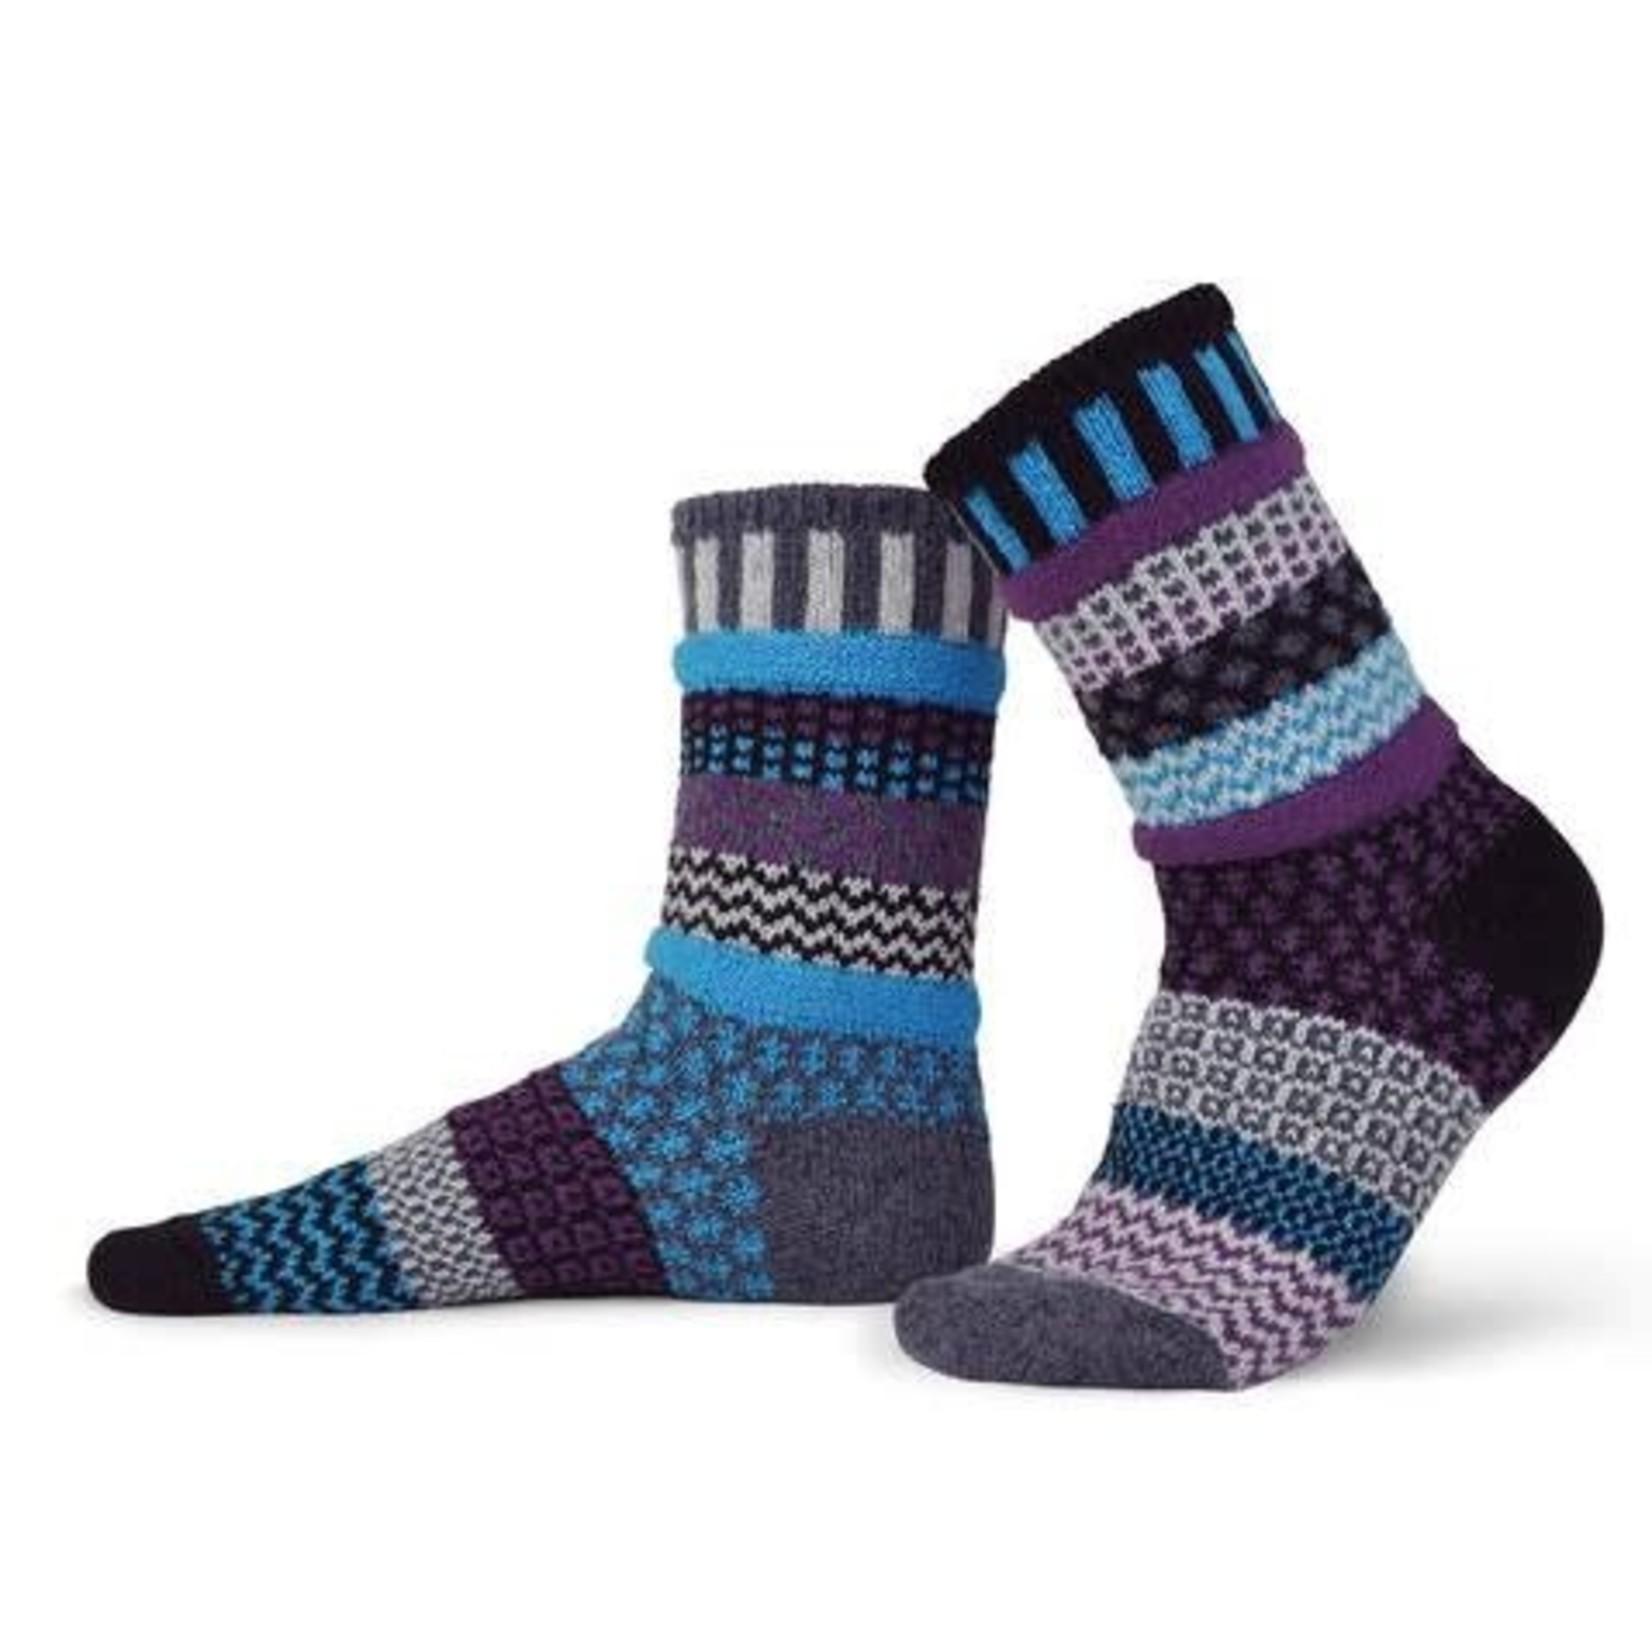 Solmates Socks Wool